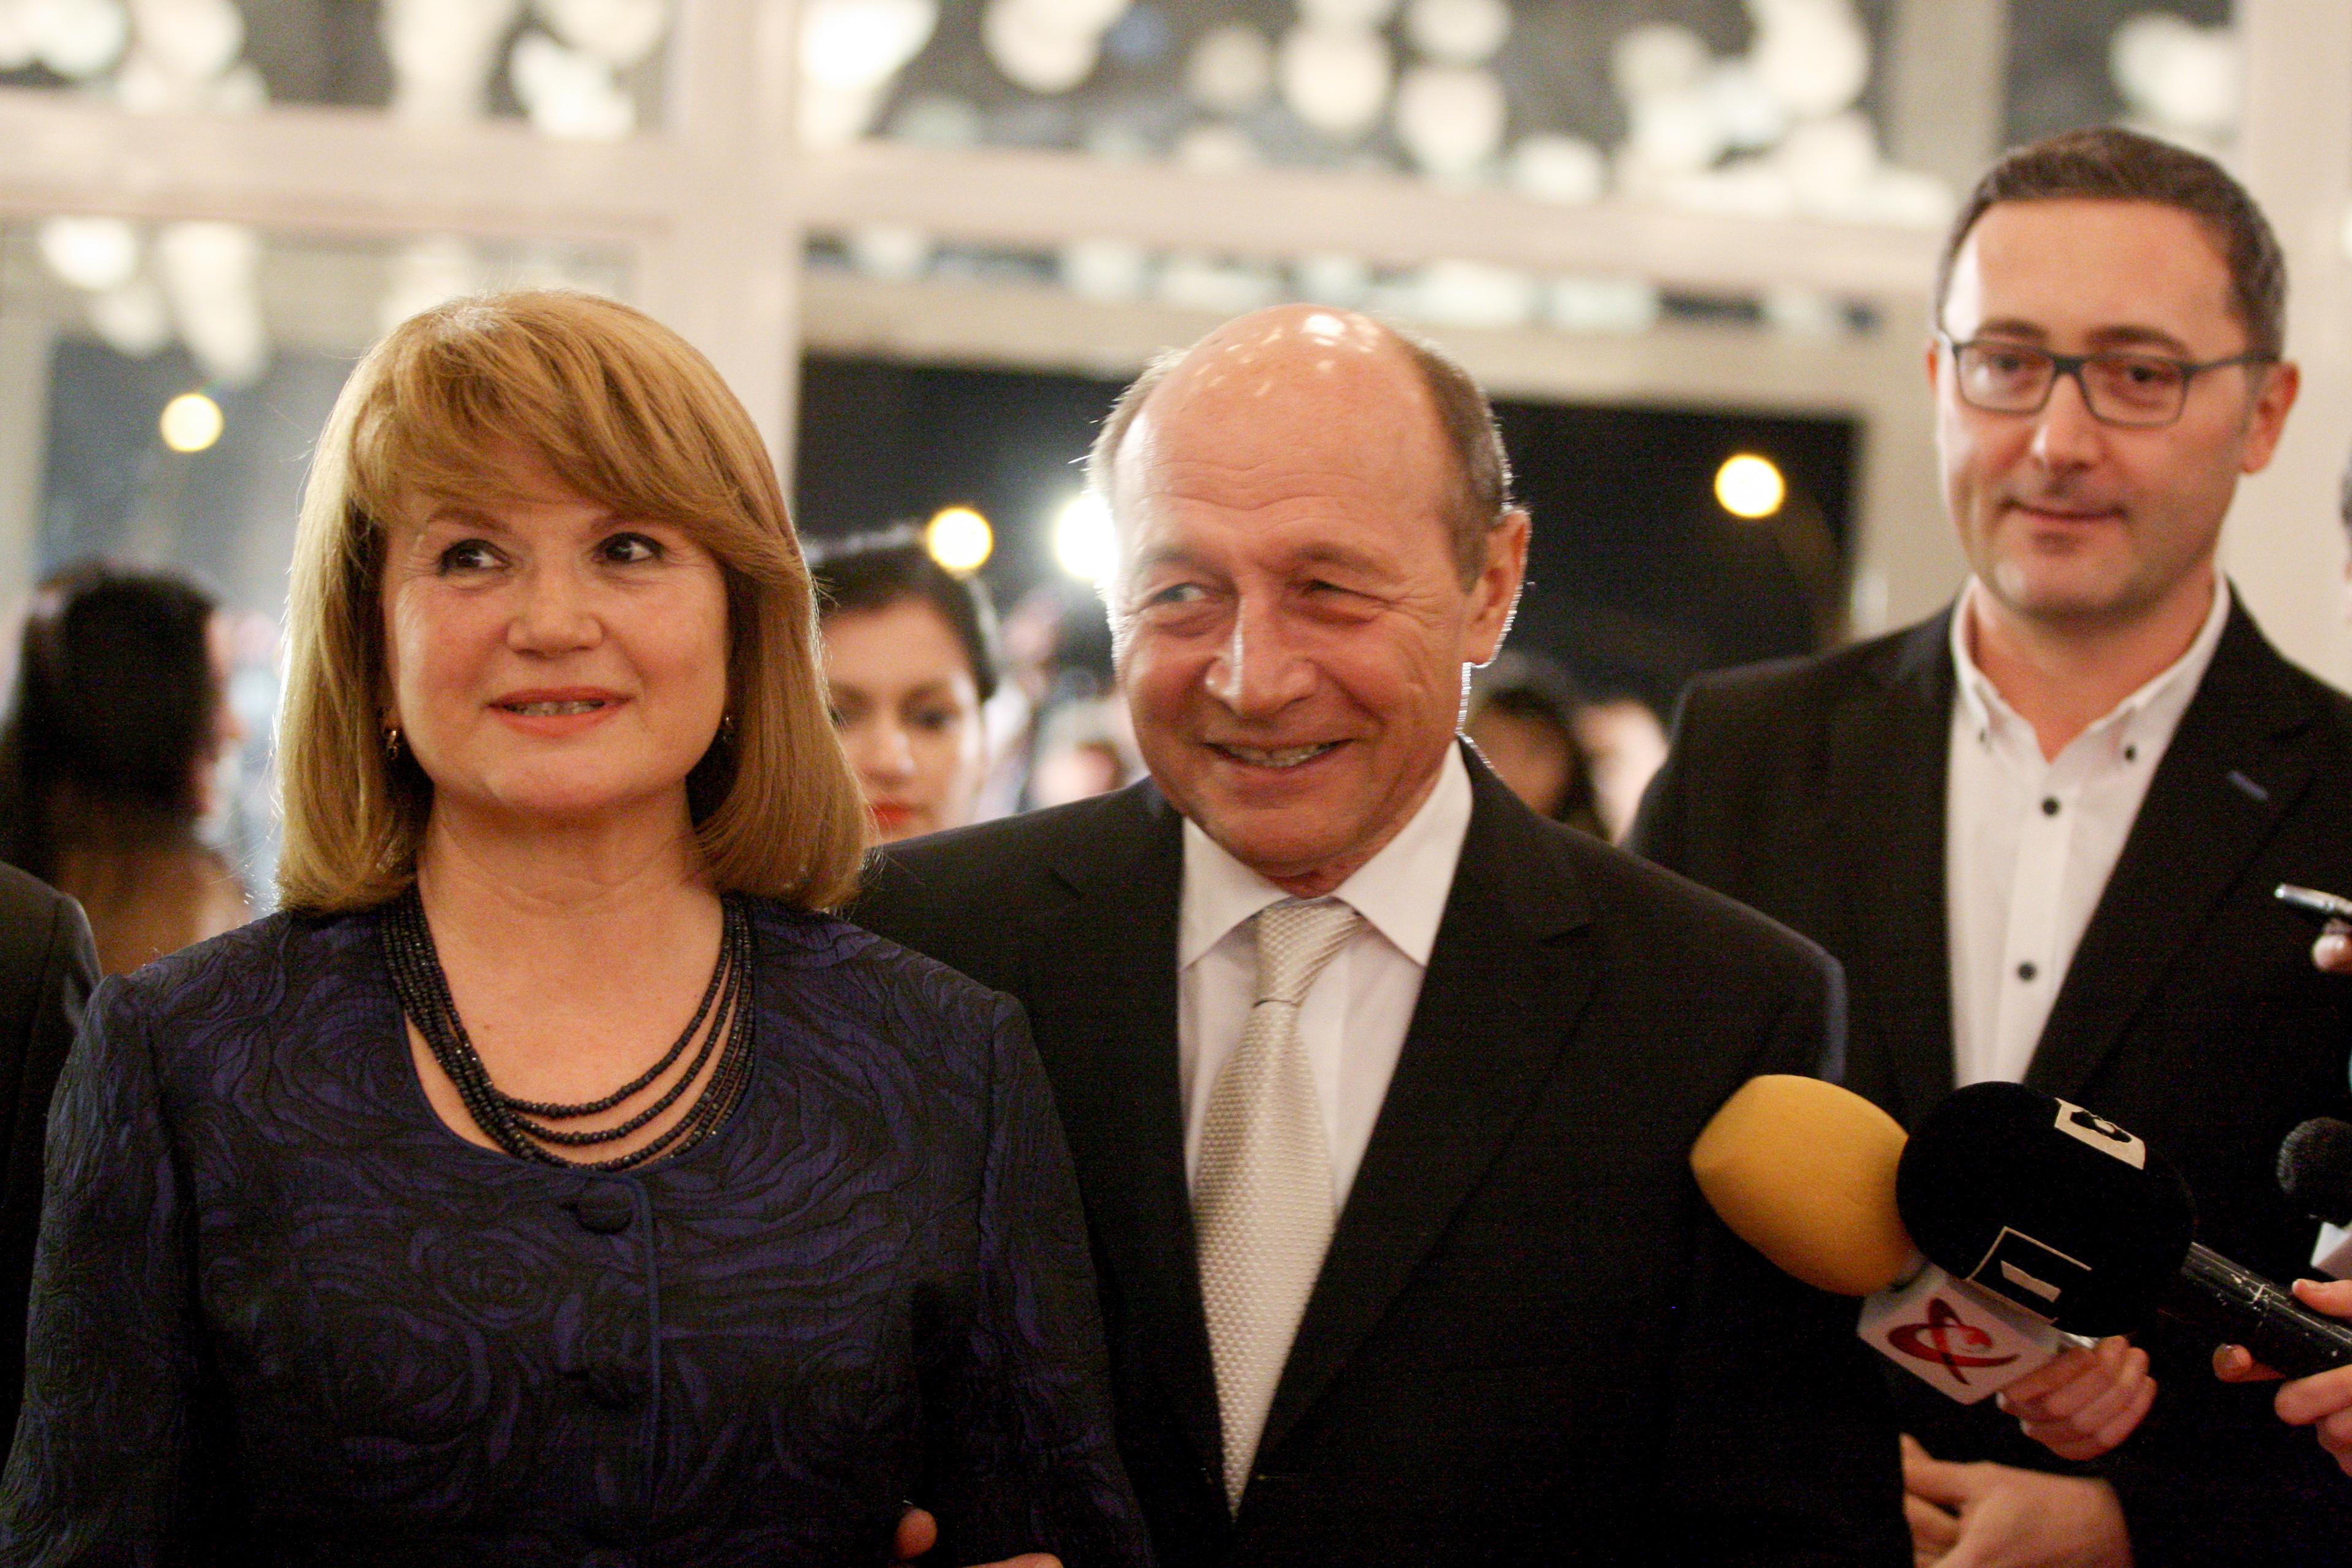 INEVITABILUL s-a produs! Anunt BOMBA despre sotia lui Basescu. Anuntul a fost facut OFICIAL chiar de fostul presedinte. ,,Nu reusesc sa scap